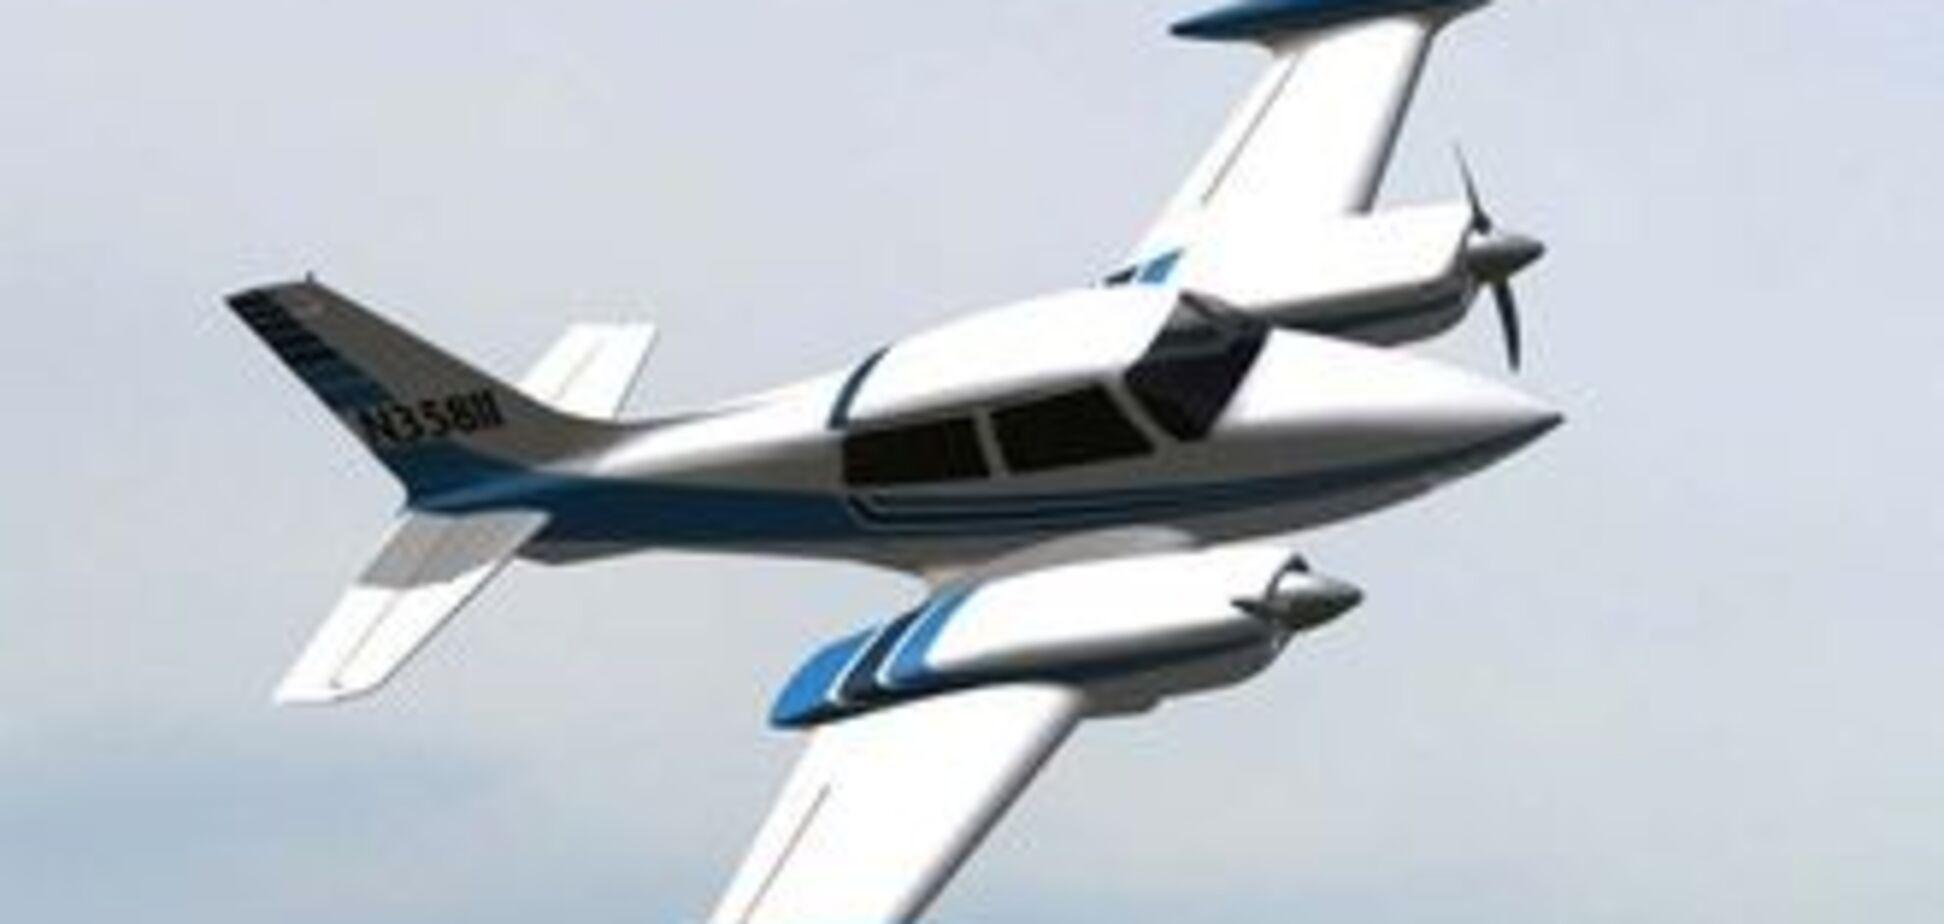 Легкомоторный самолет разбился в США, трое погибших